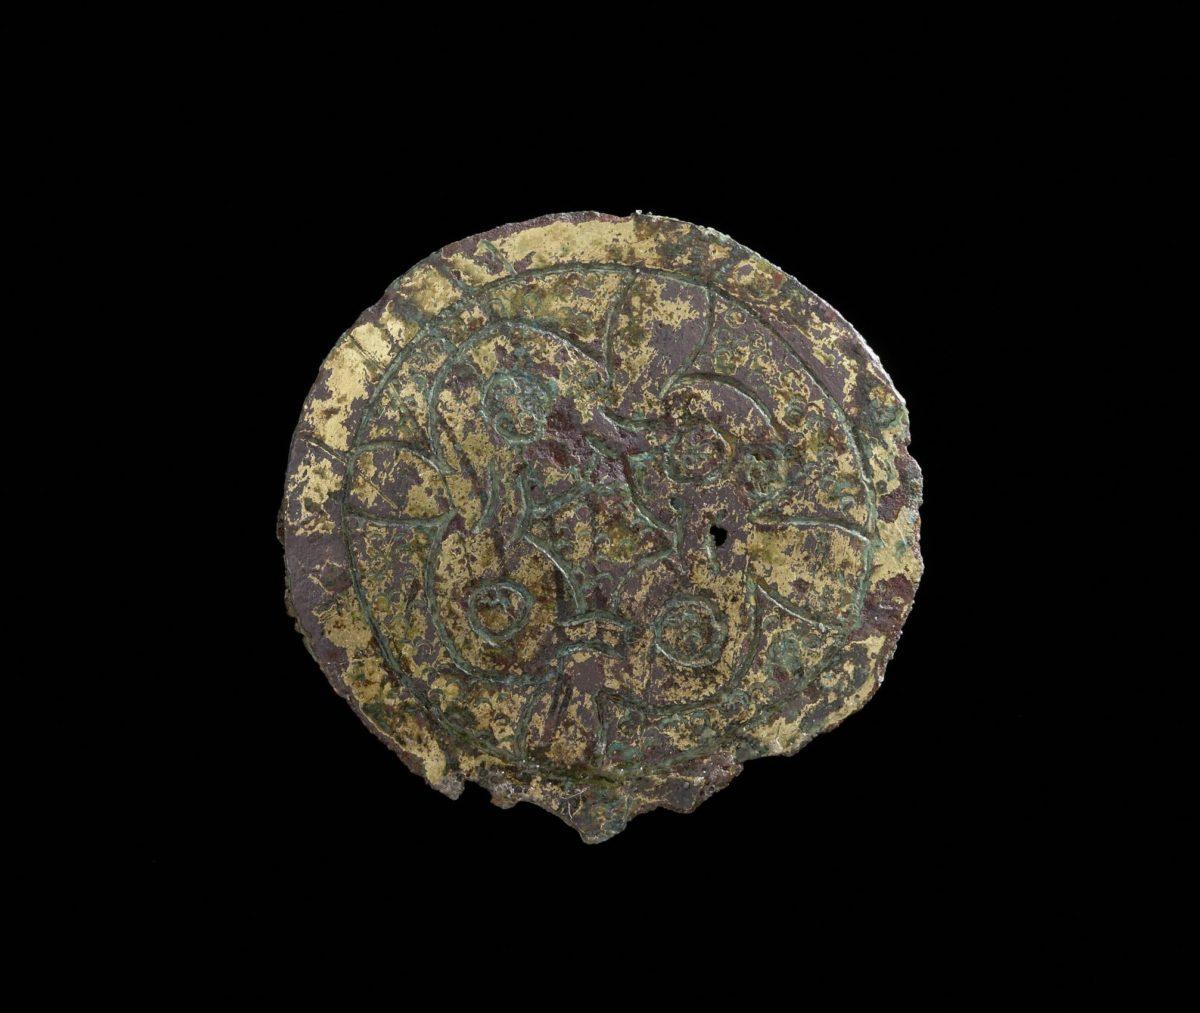 Eine frühmittelalterliche, vergoldete Scheibenfibel